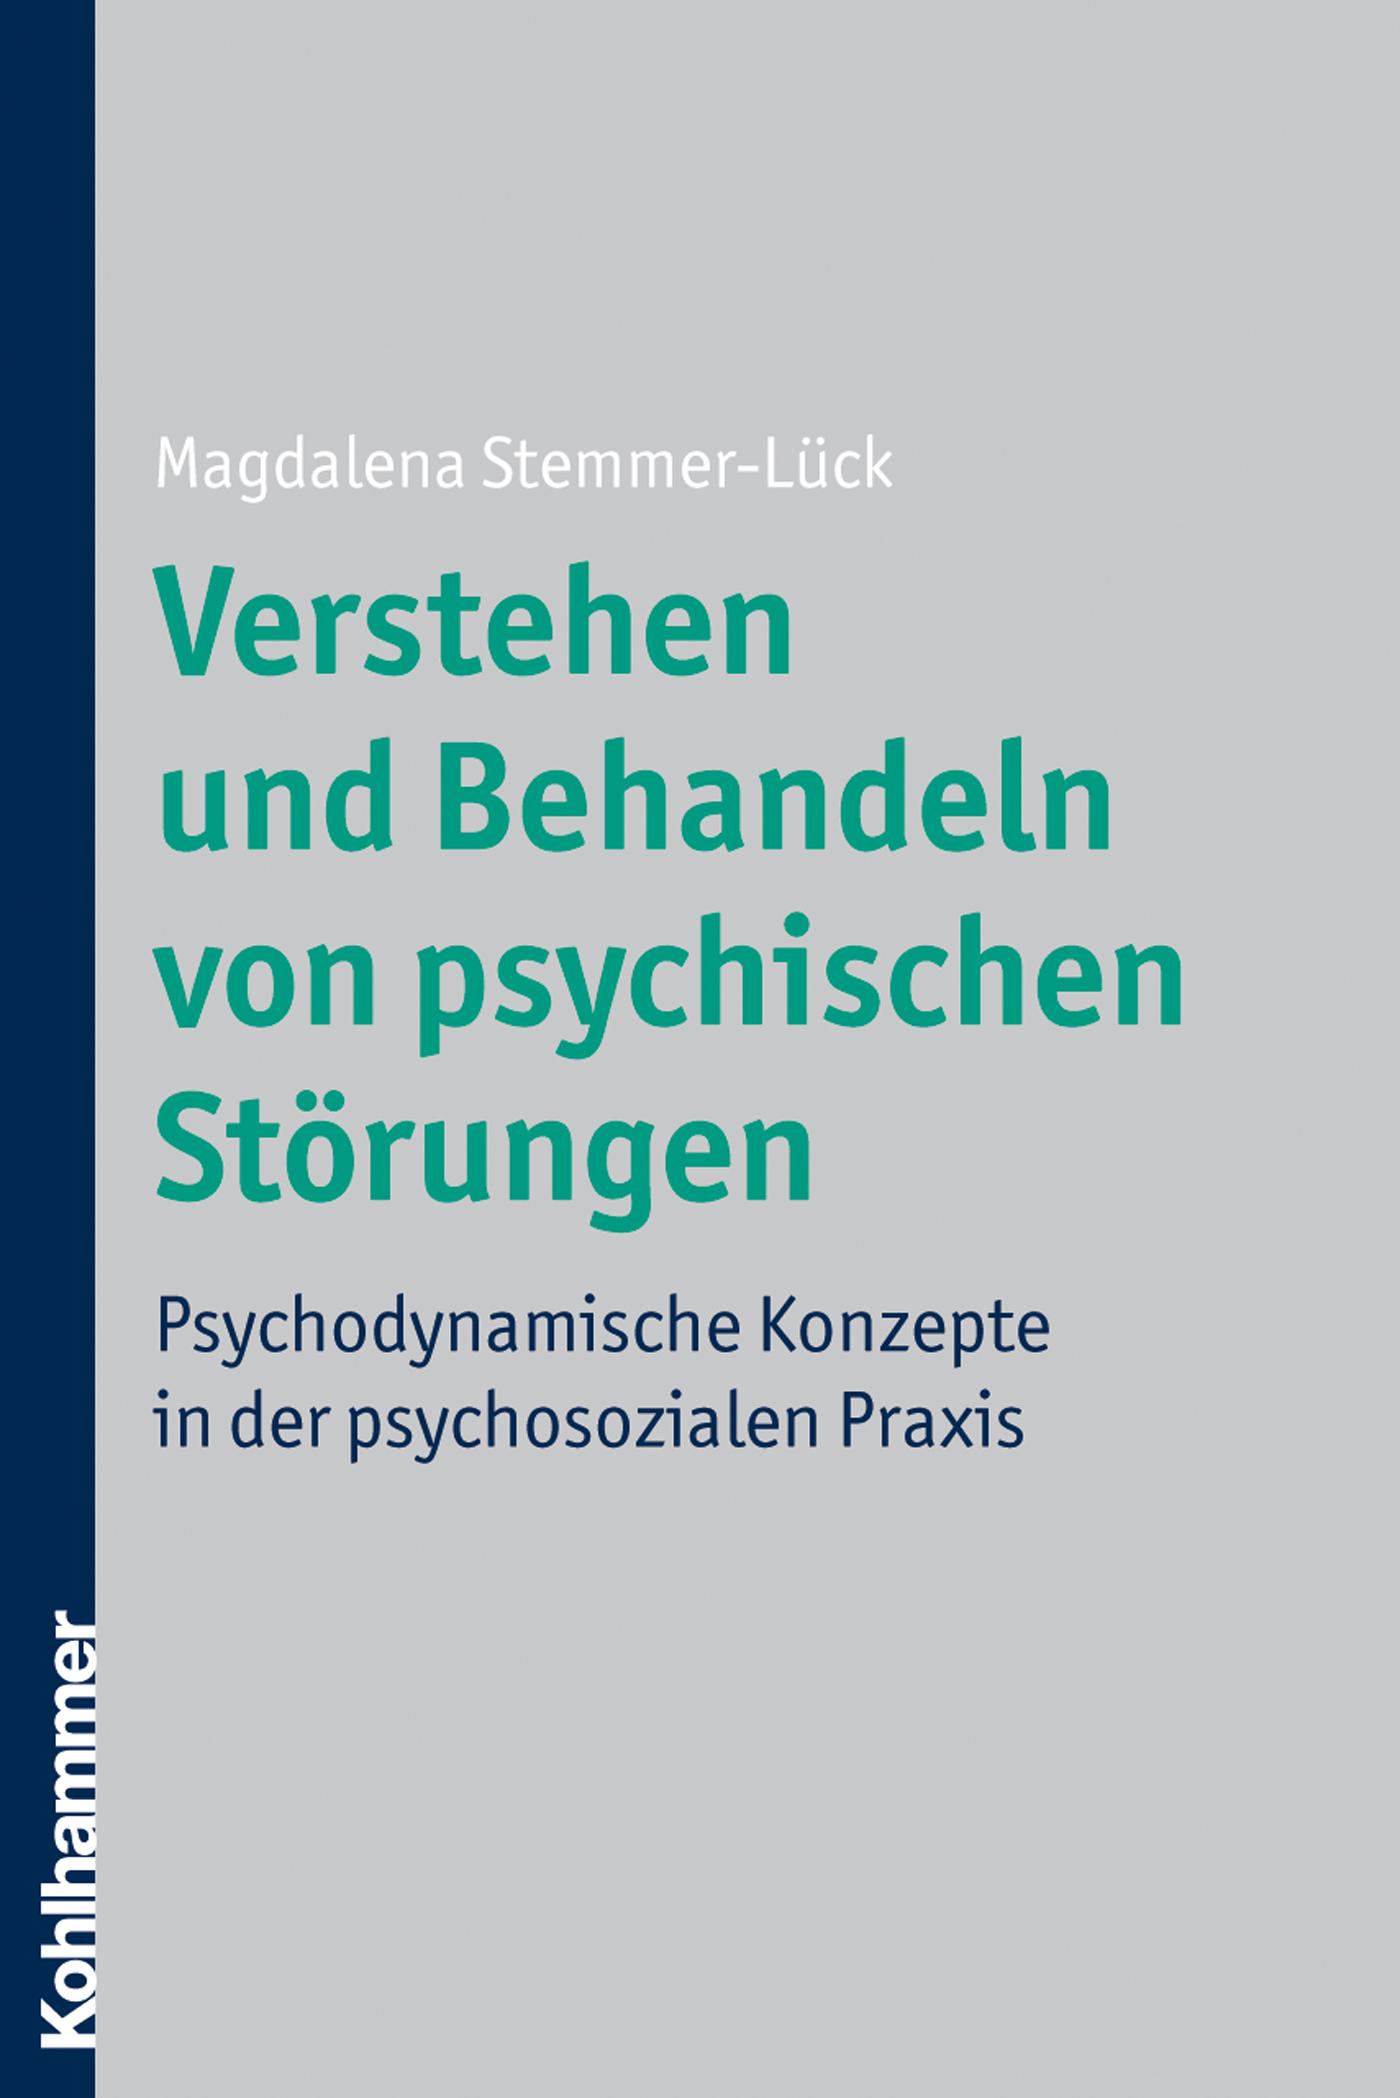 цена Magdalena Stemmer-Lück Verstehen und Behandeln von psychischen Störungen